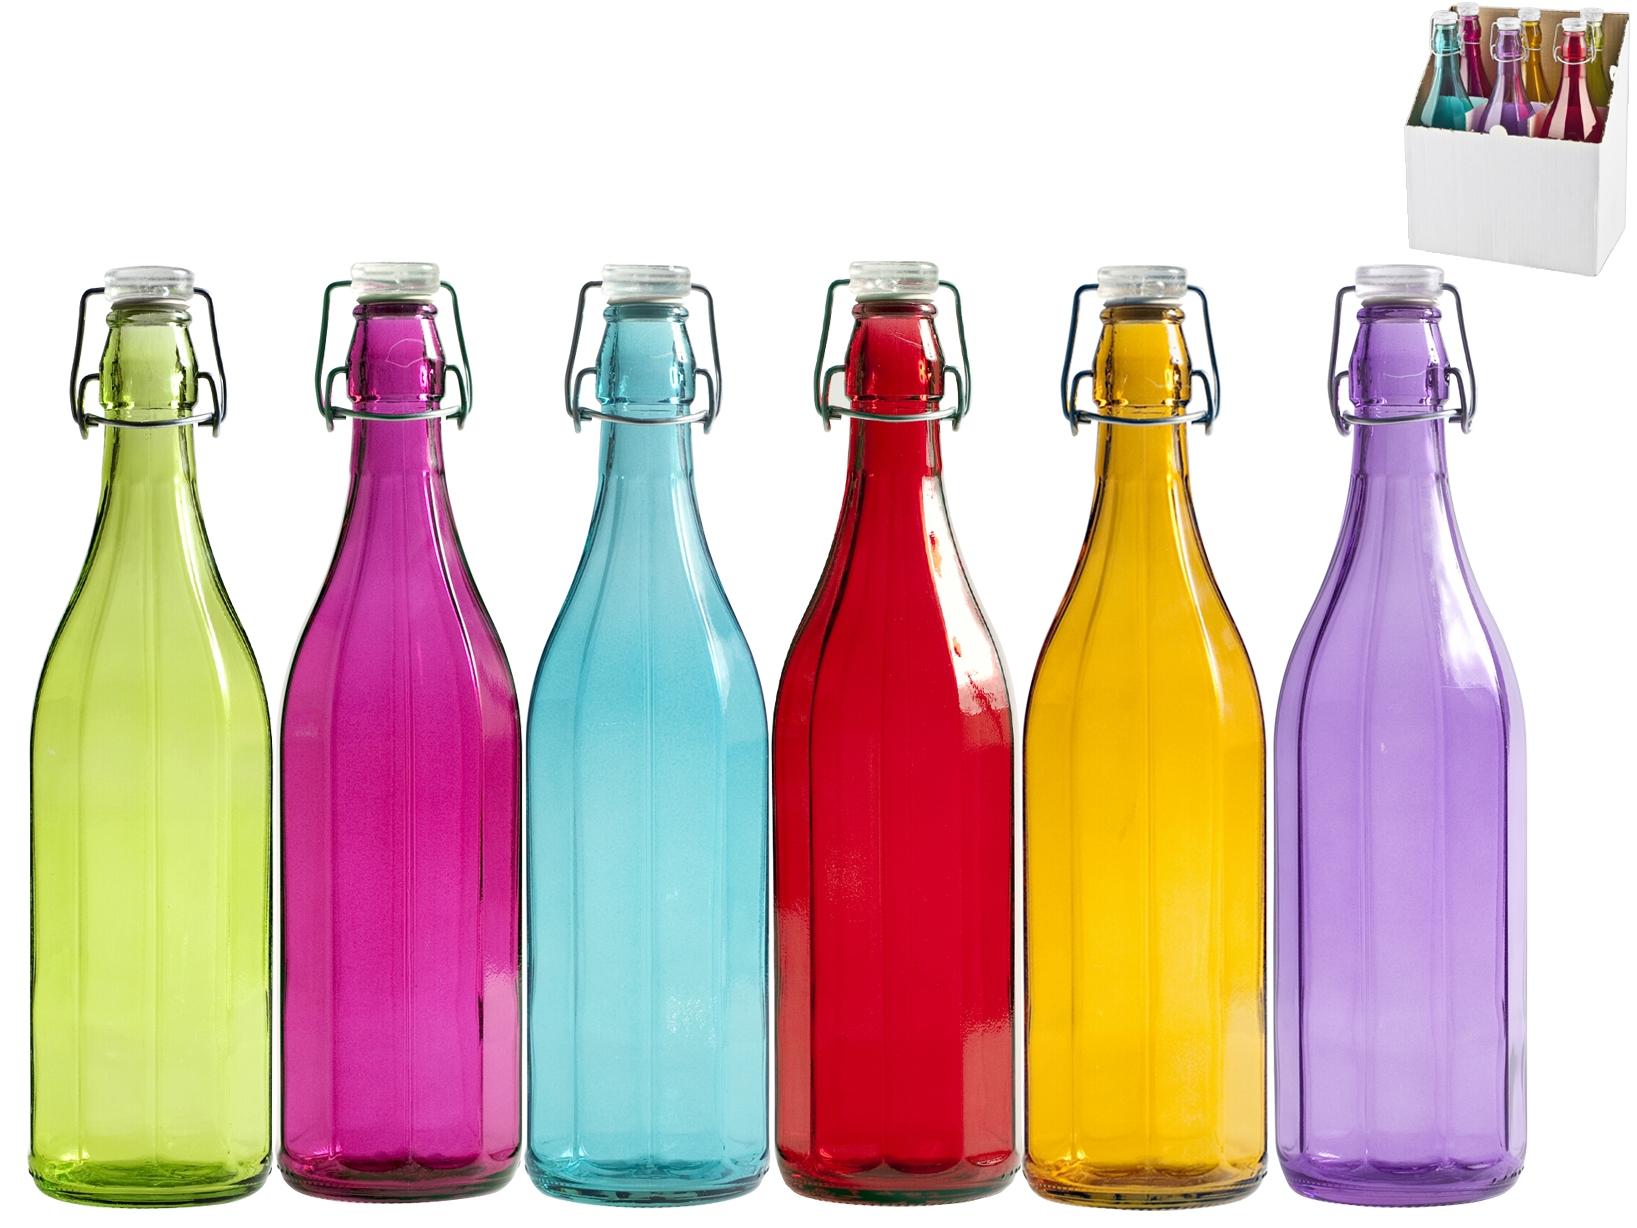 Acquista Set 6 Bottiglia Vetro Coste Colori 17505211   Glooke.com